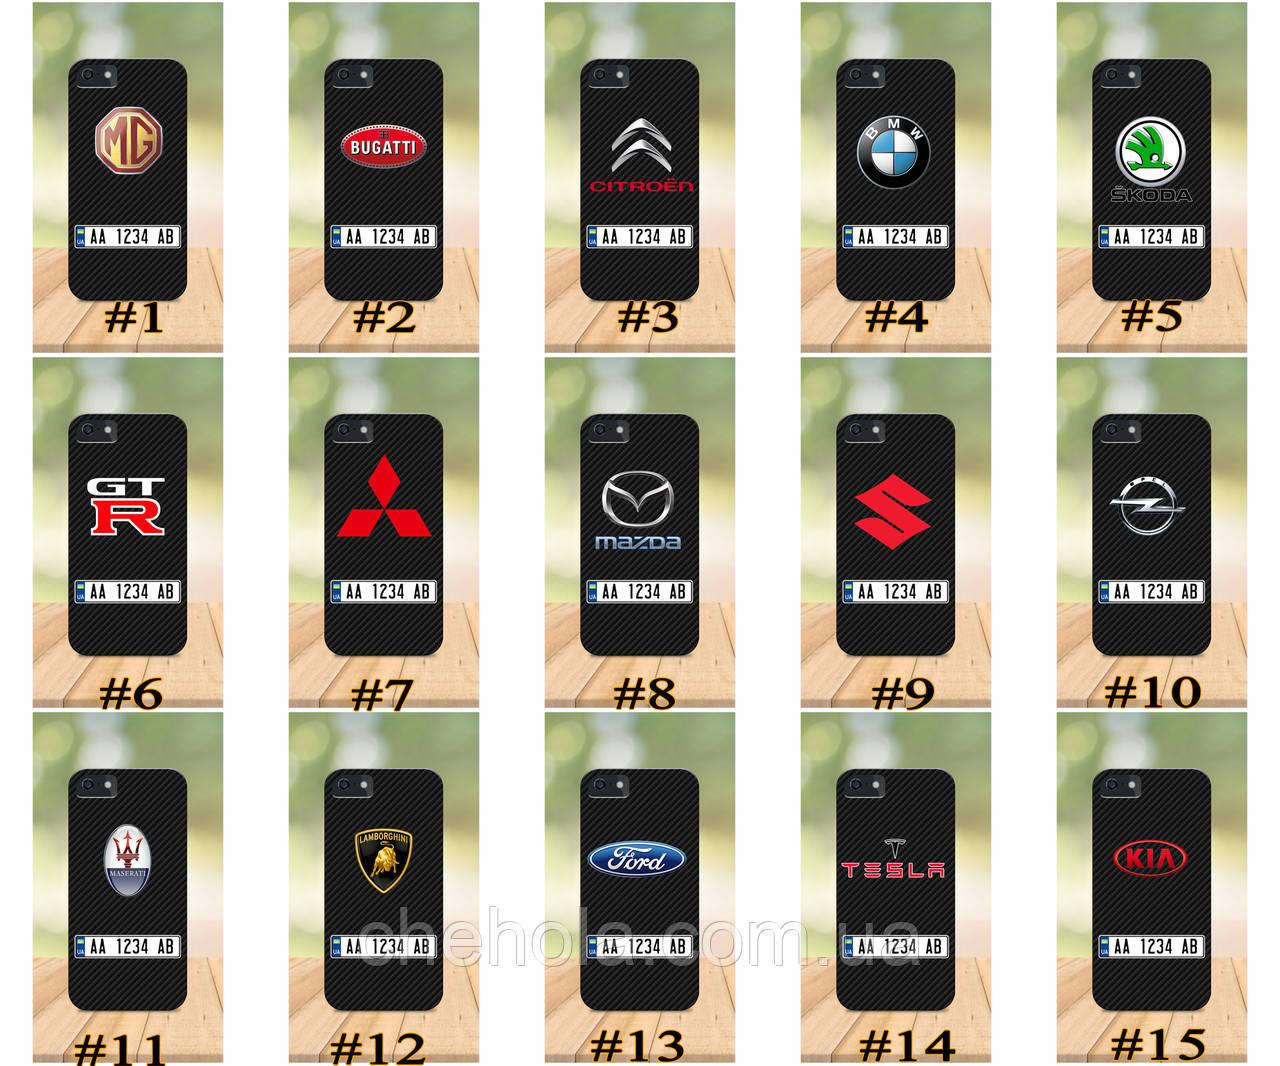 Чехол на iPhone 5 5s SE 4 4S бампер накладка с принтом бампер накладка с принтом авто марка с номером